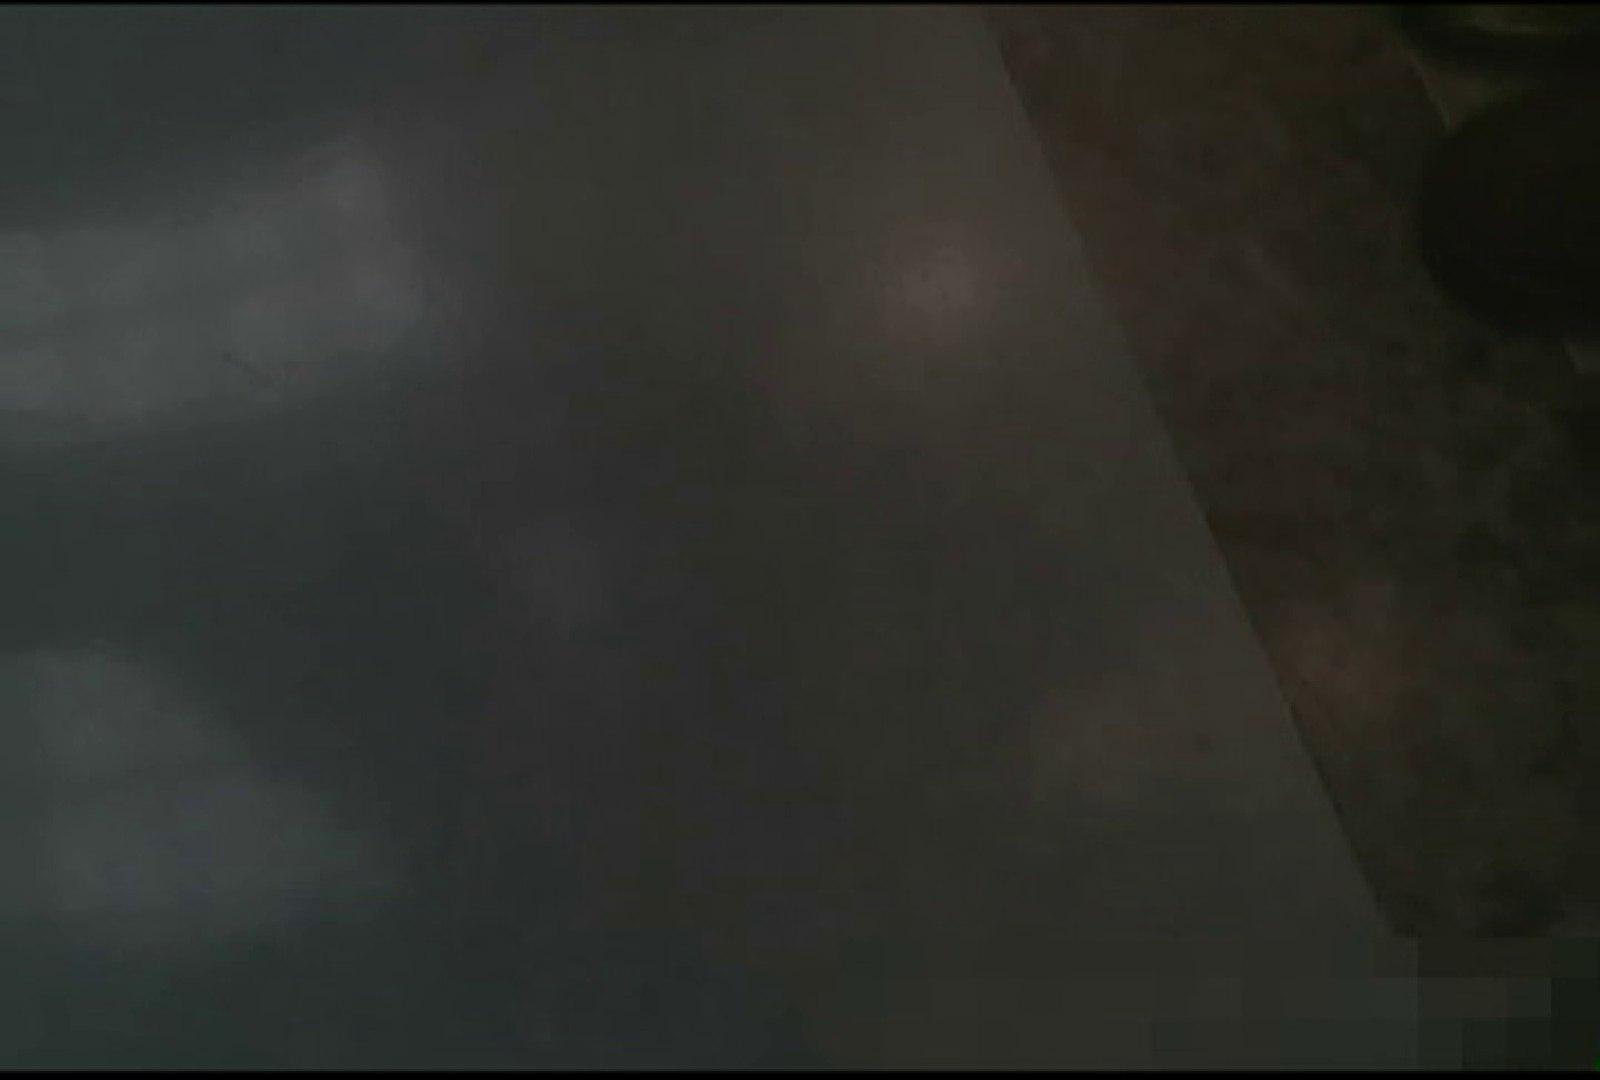 「ノゾキスト」さんの陰撮!!美女サルベージVol.1 覗き | 美女のヌード  68画像 41